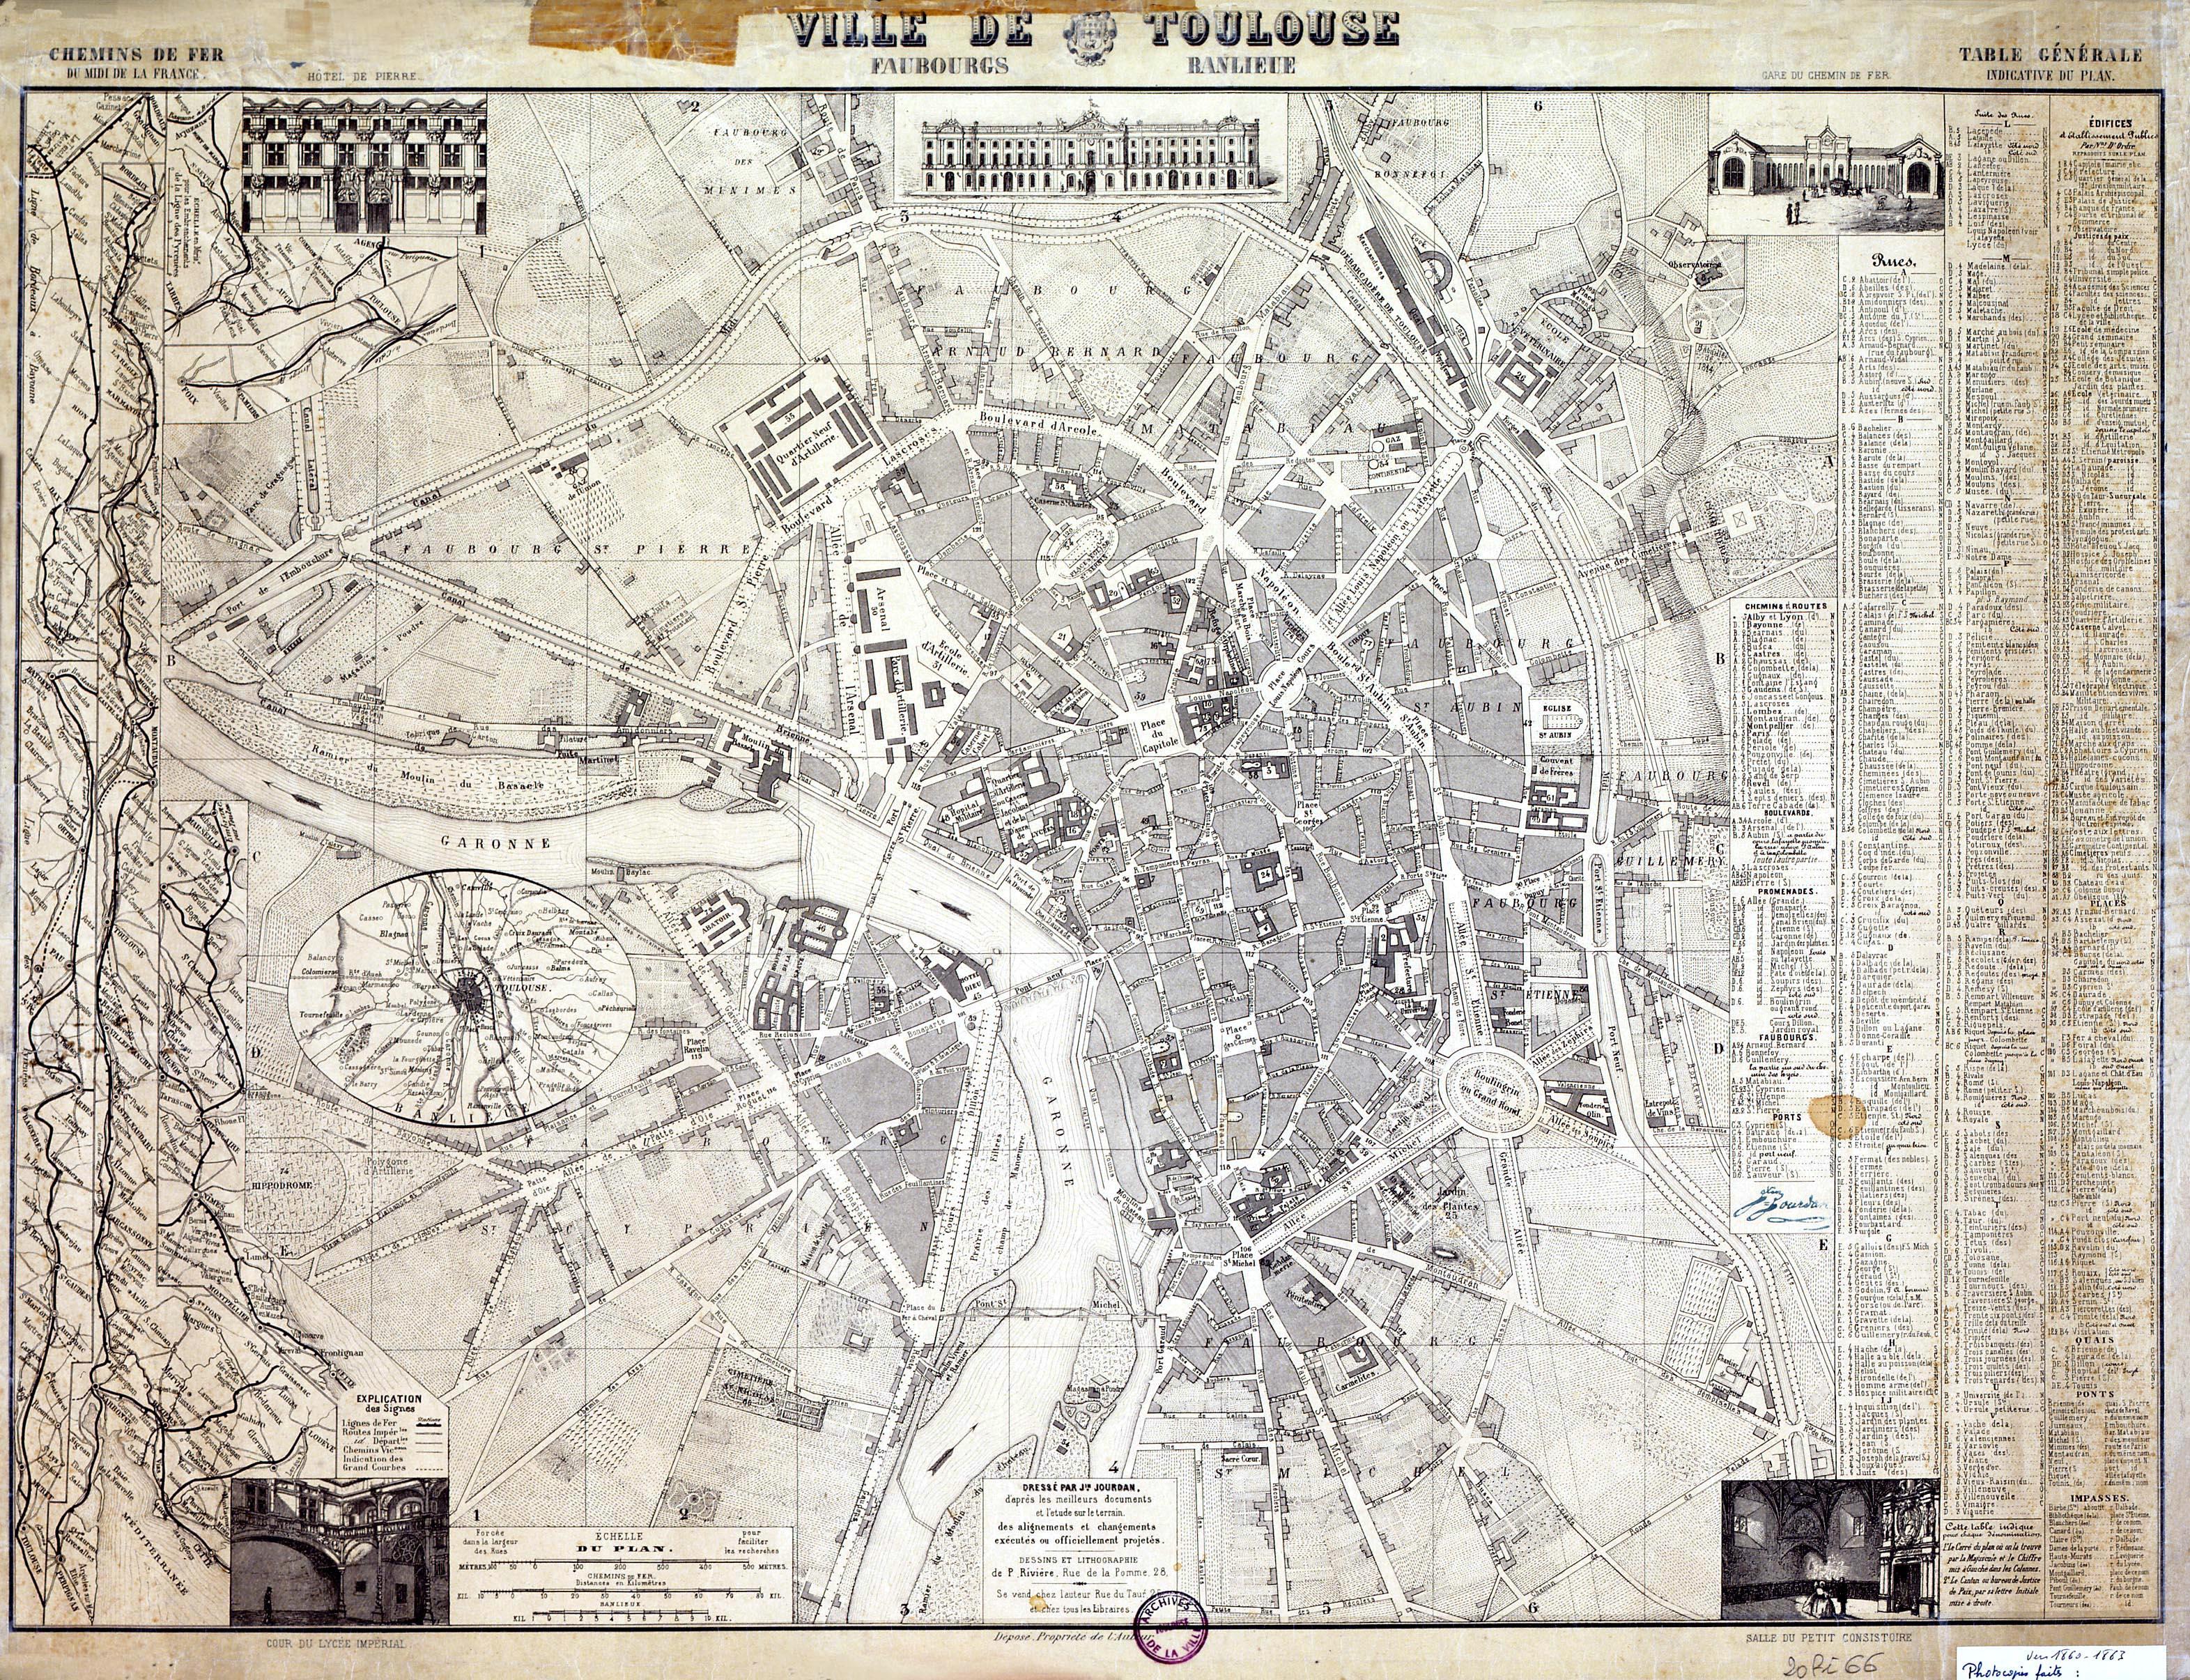 Jourdan J., Prosper Rivière P., 1860, Ville de Toulouse. Faubourgs. Banlieue. Crédits Archives Municipales de Toulouse. Cliquez sur le plan pour l'obtenir en haute défintion